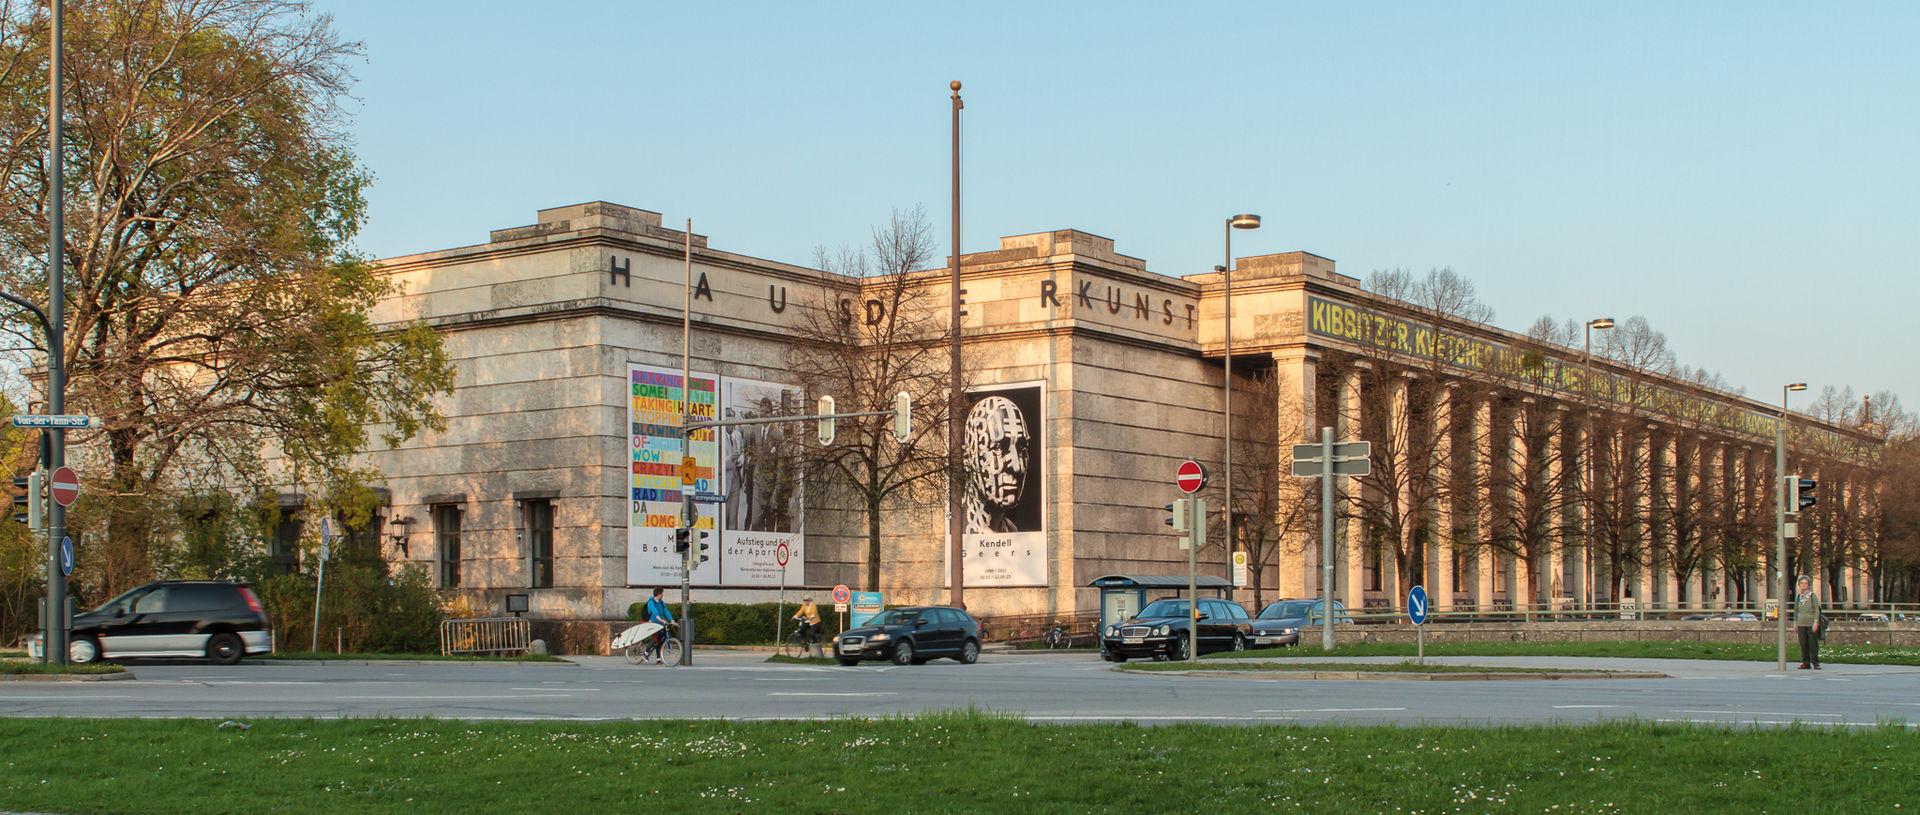 Bild Haus der Kunst am Englischen Garten München